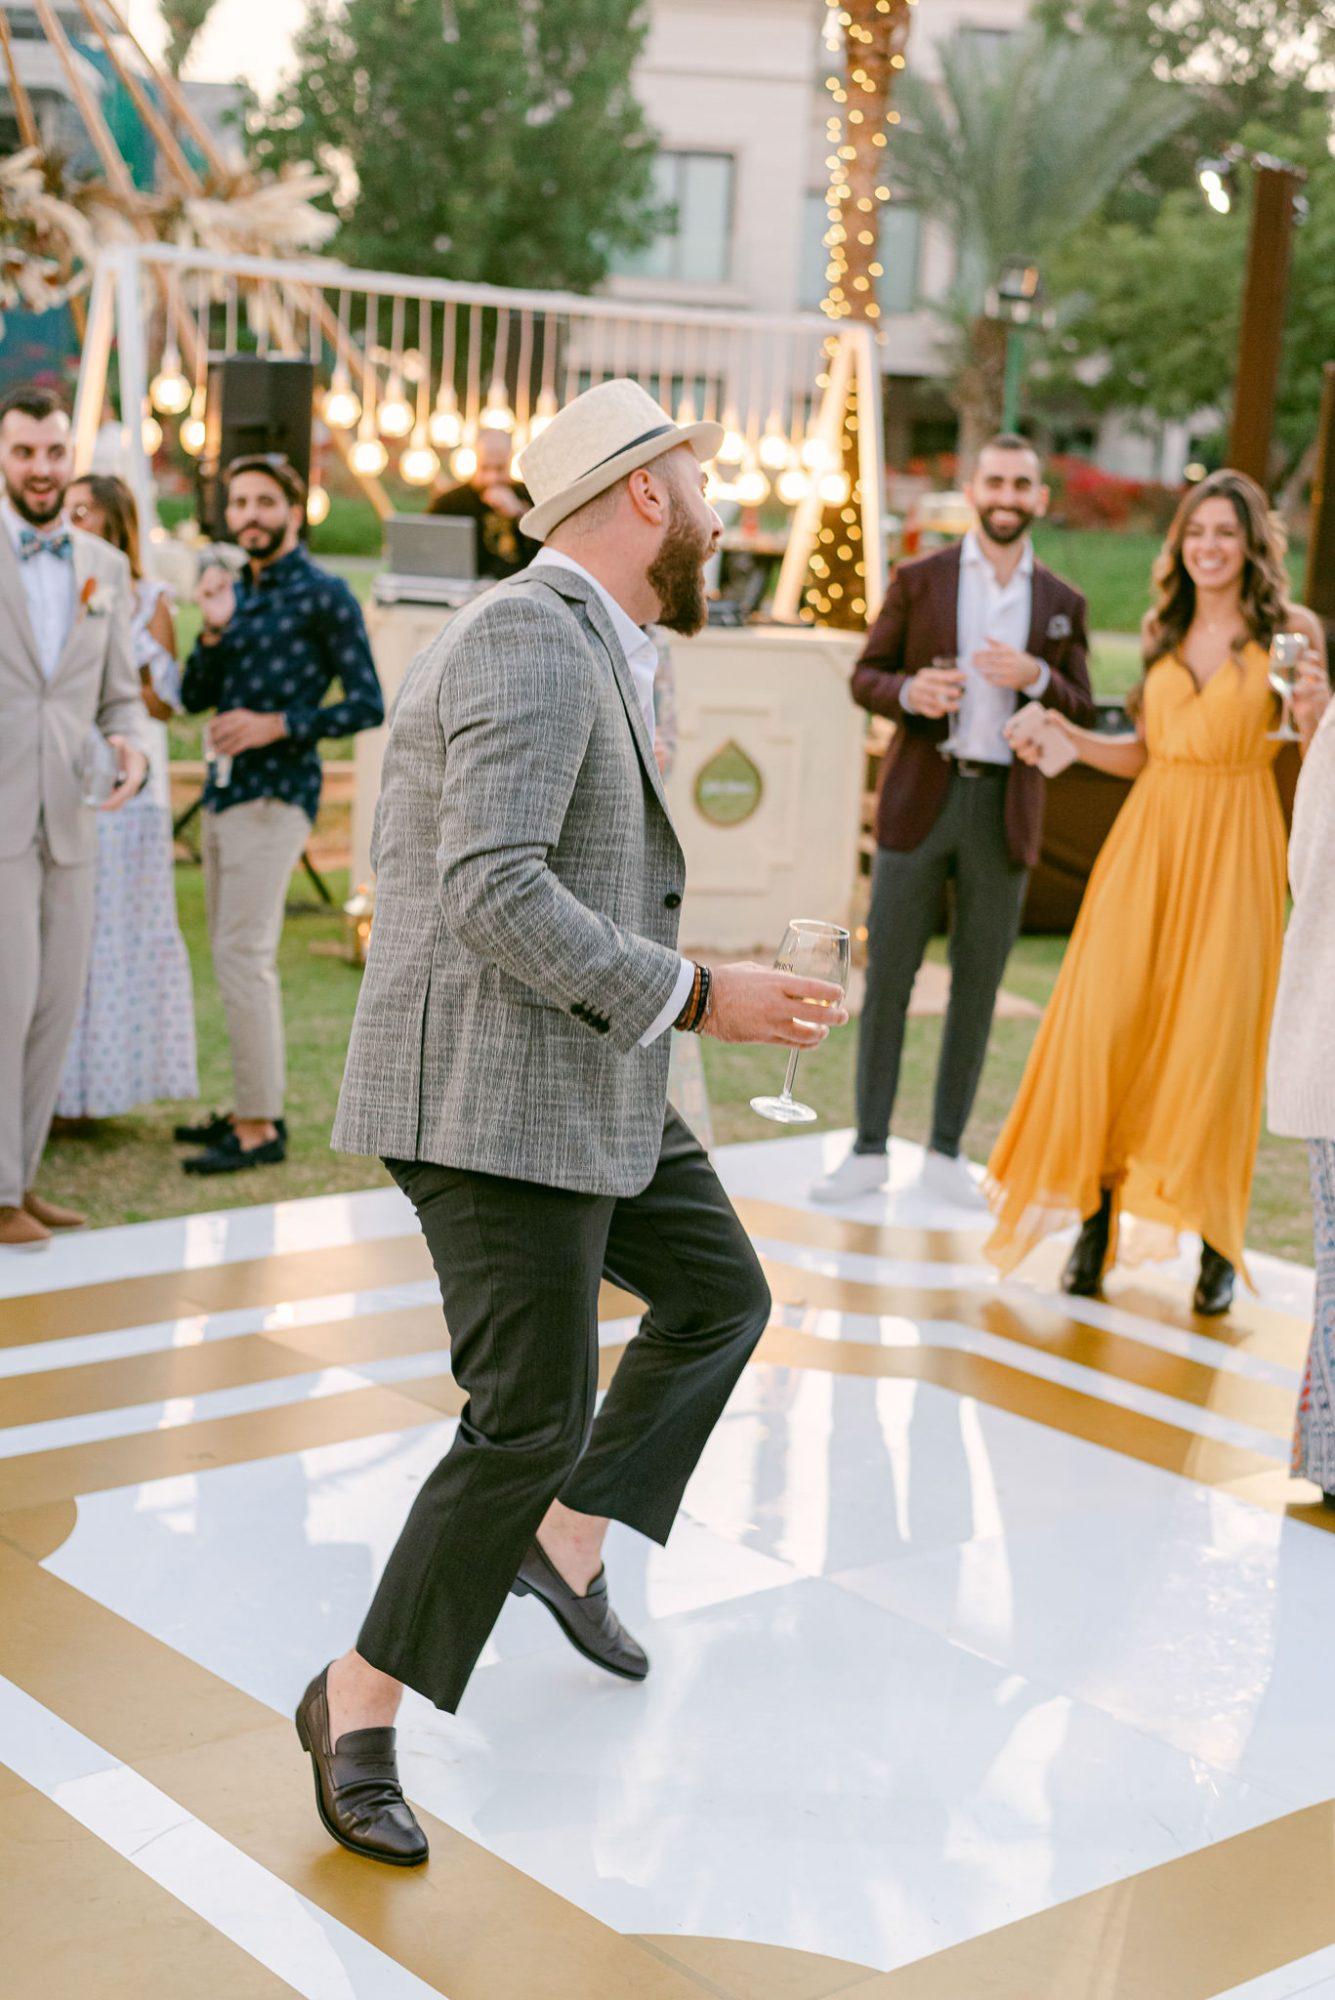 guest dancing on outdoor dance floor with drink